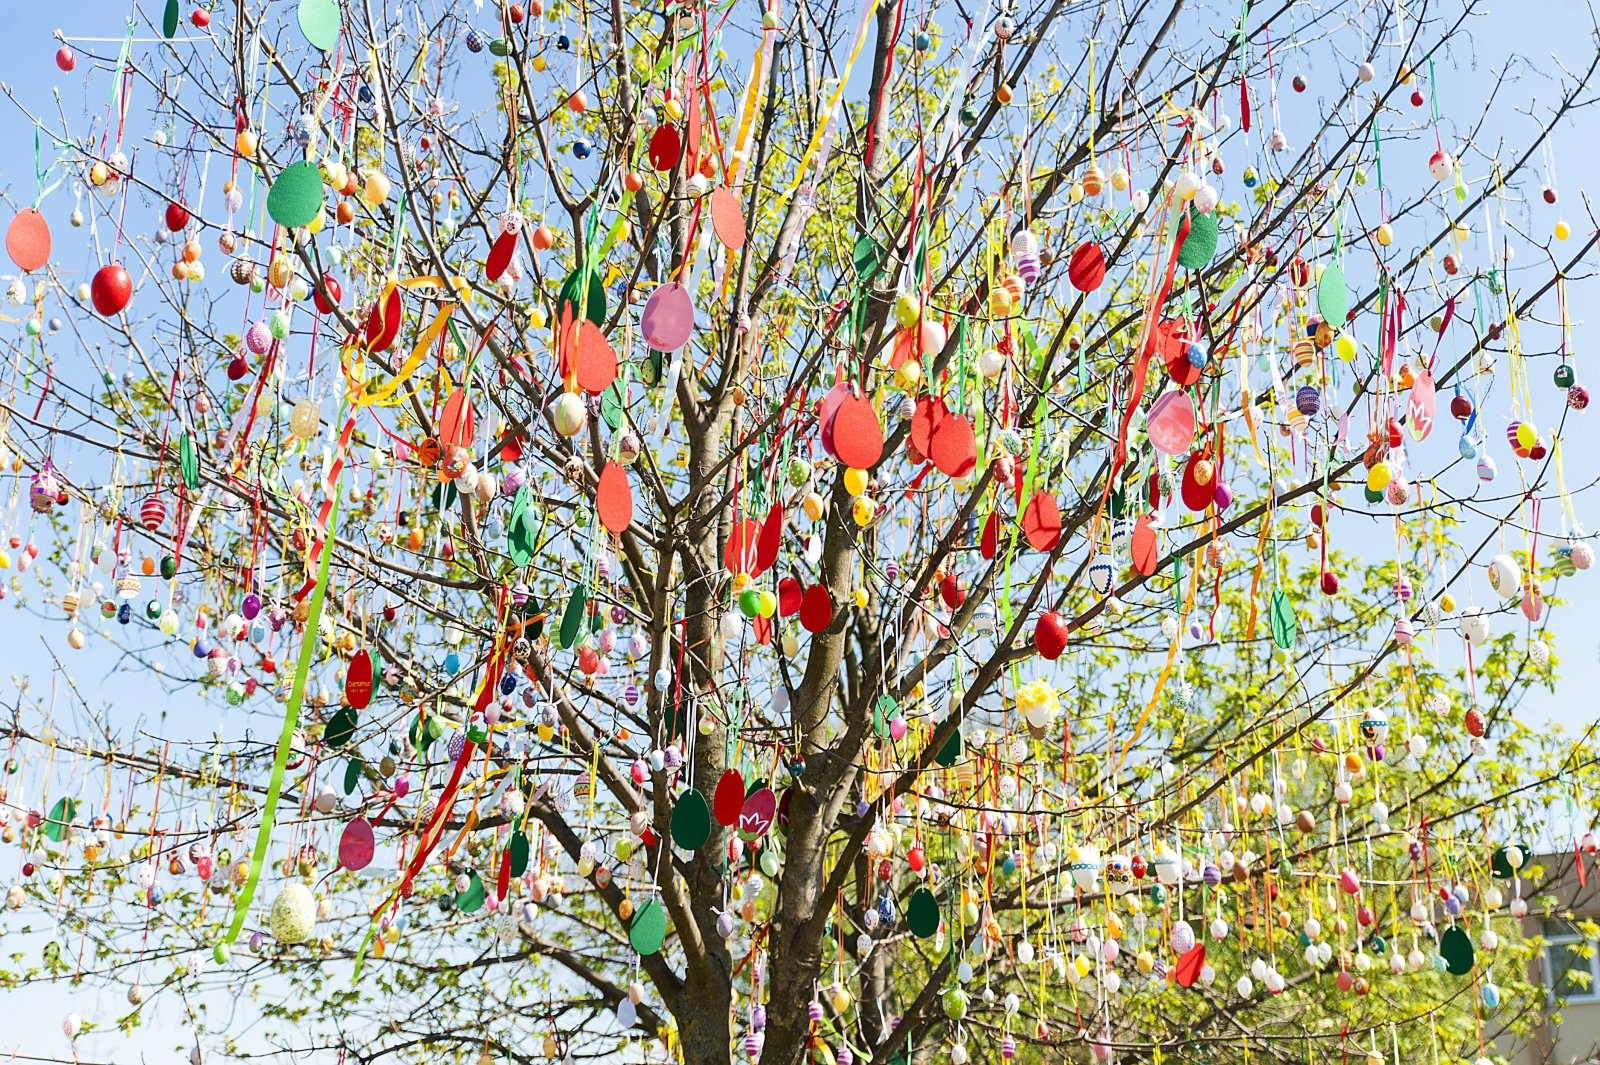 Drzewo ozdobione 1600 pisankami w Csallokozcsutortok na Słowacji.